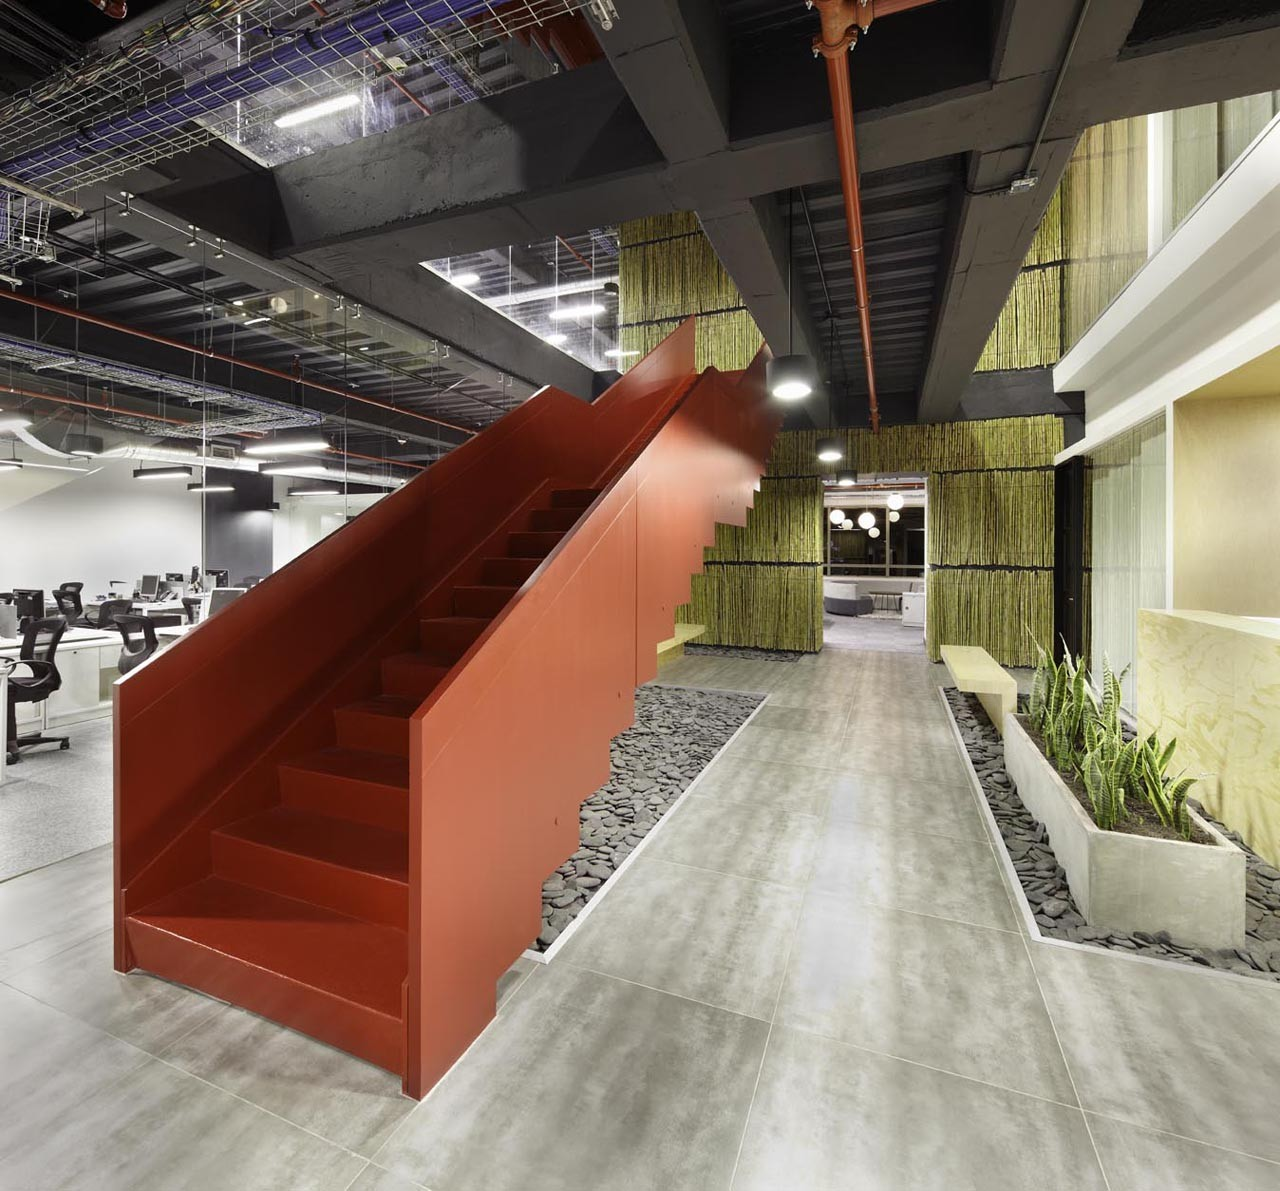 JWT Bogotá Headquarters / AEI Arquitectura e Interiores, © Andrés Valbuena